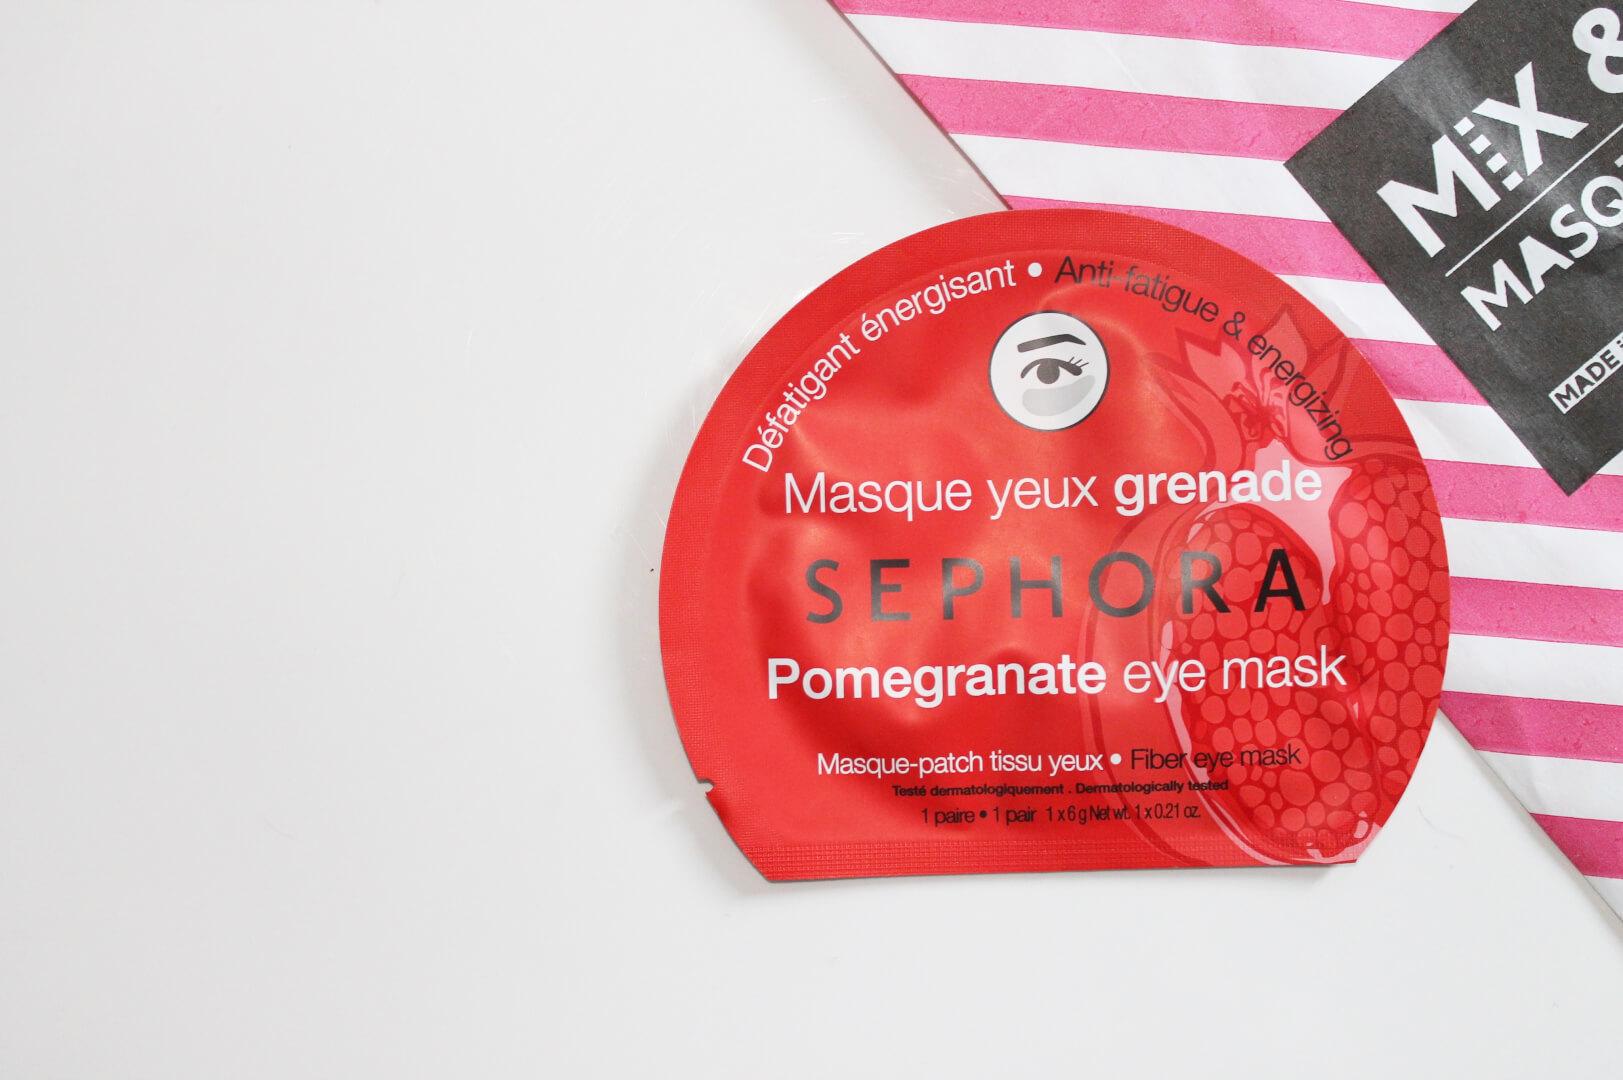 J'ai testé les masques Sephora - Creatyve